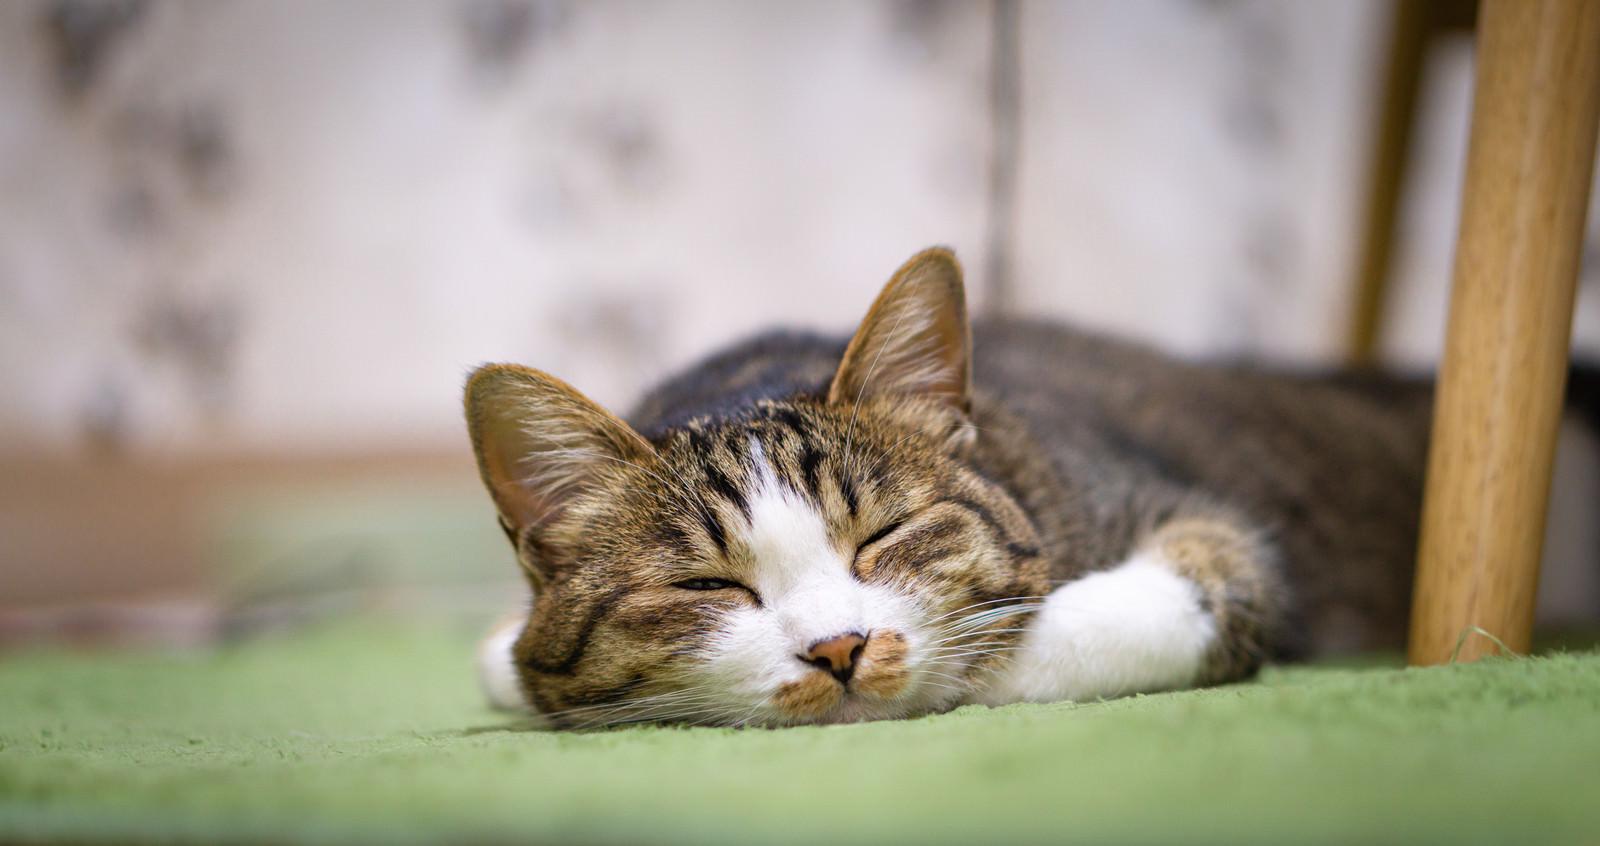 「カーペットの上で爆睡する猫」の写真